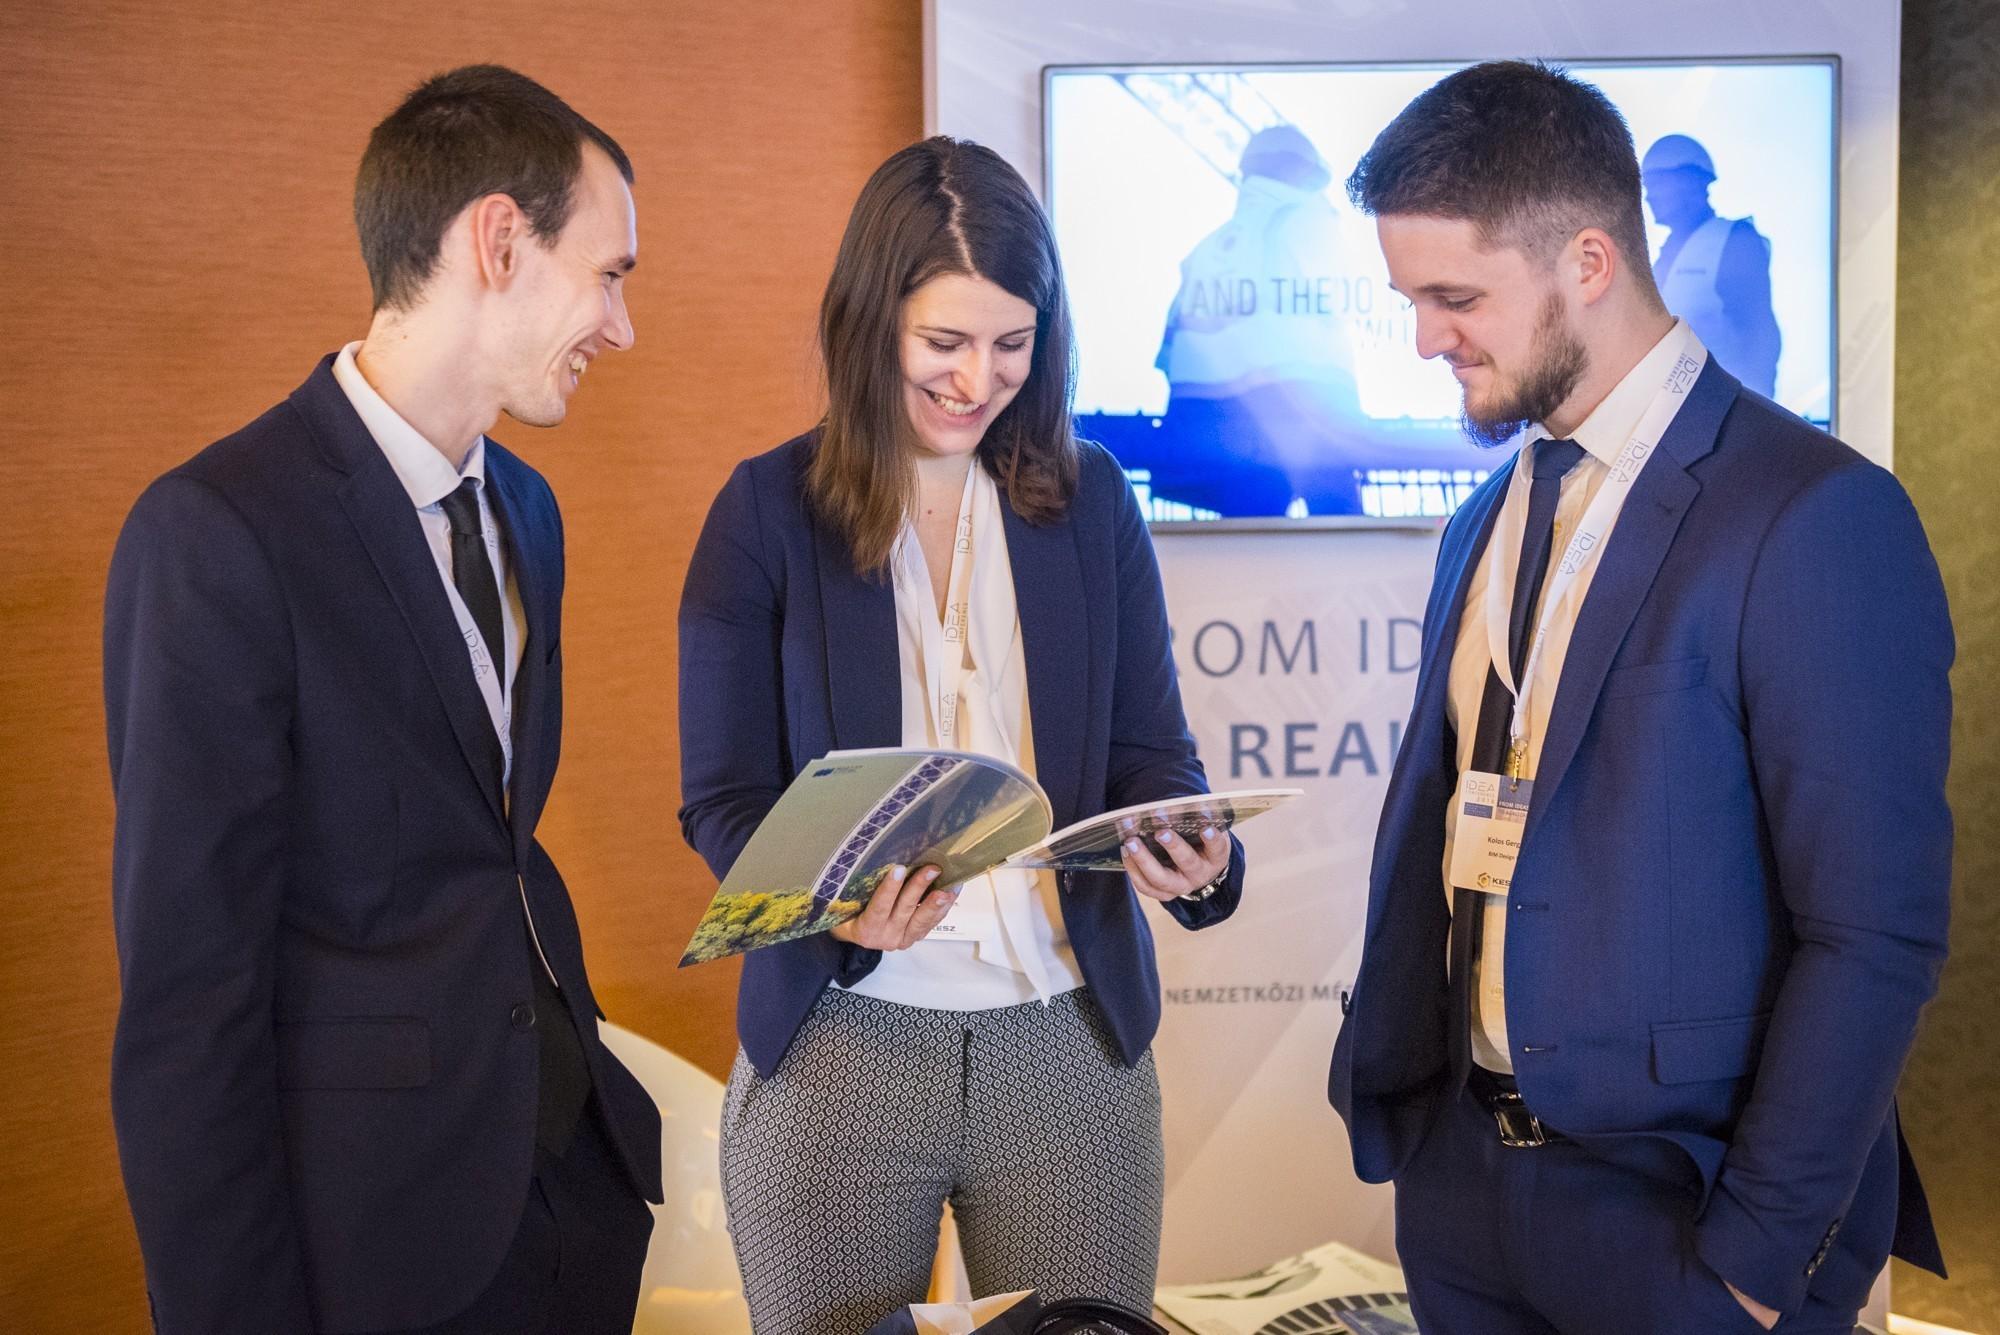 Működik az összefogás! – ezt üzente az IDEA Conference 2018